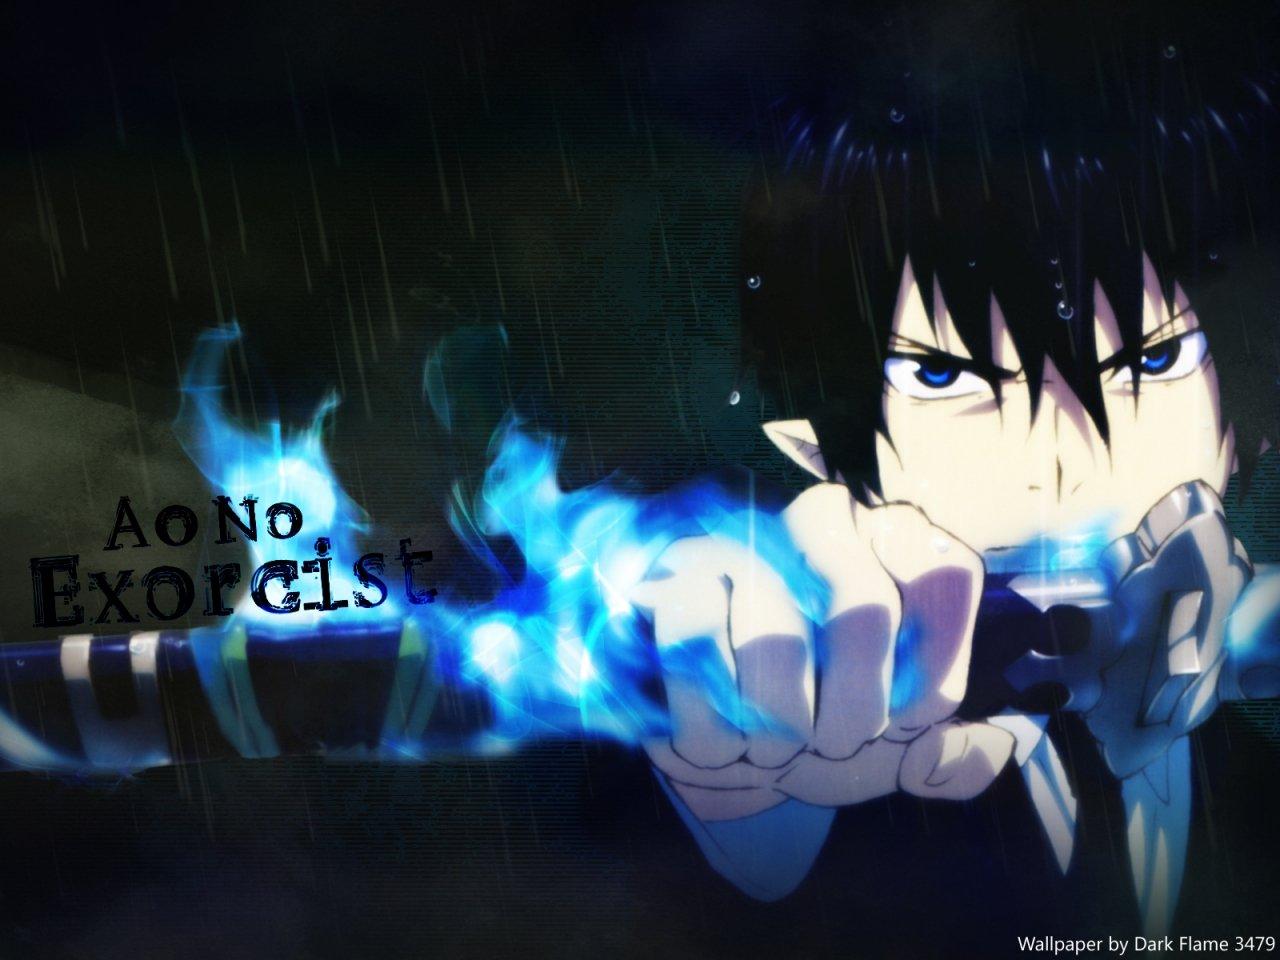 Blue Exorcist (青の祓魔師) Rin-Okumura-blindbandit92-27386265-1280-960